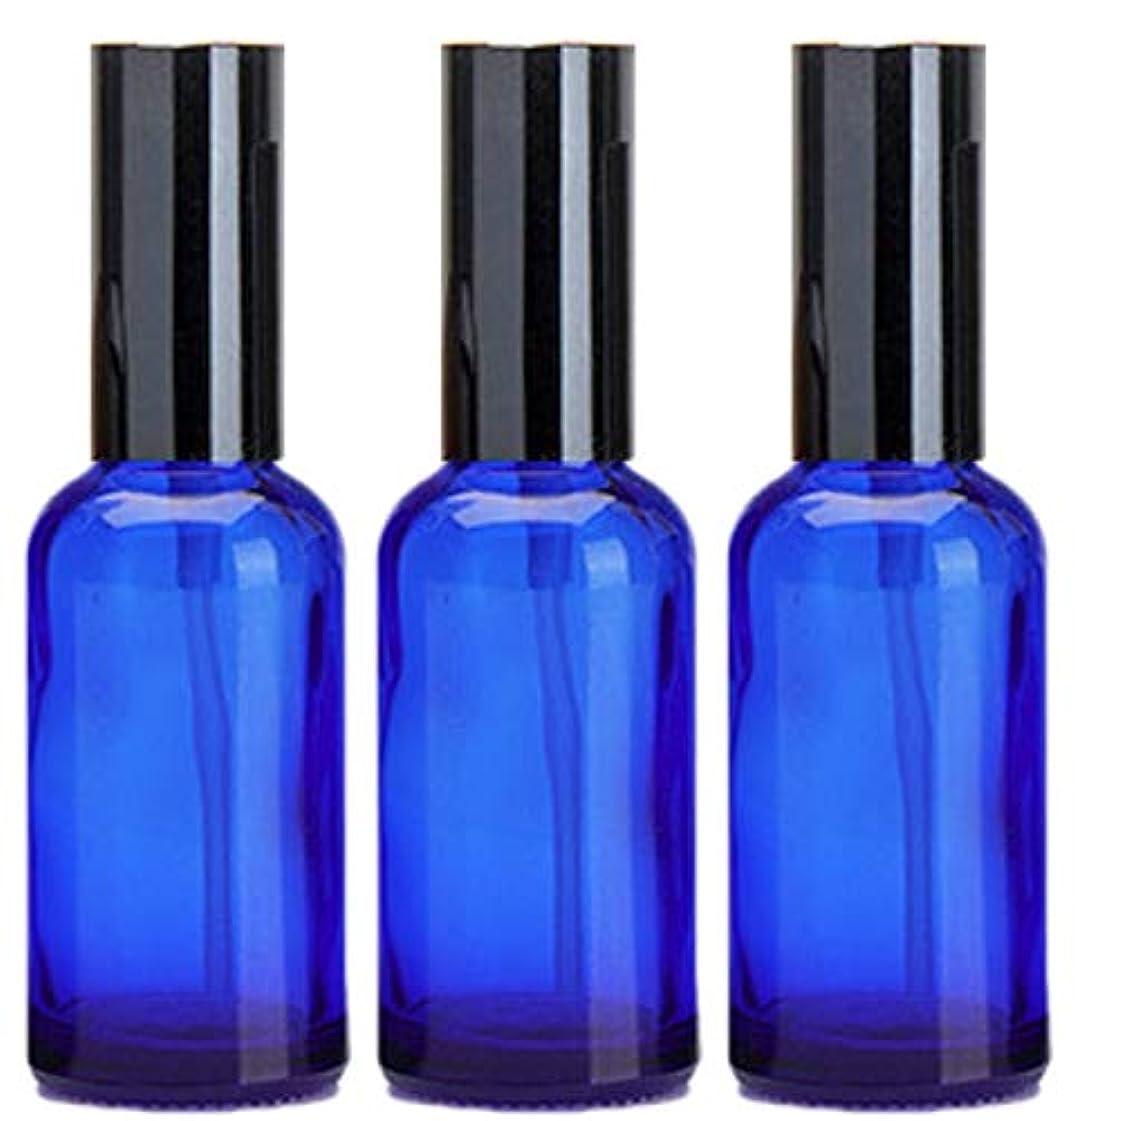 治療カフェテリア郵便局乳液 ボトル 3本セット クリーム容器 アロマクリーム ハンドクリーム 遮光瓶 ガラス 瓶 アロマ ボトル ビン 保存 詰替え 青色 ブルー (30m?3本)